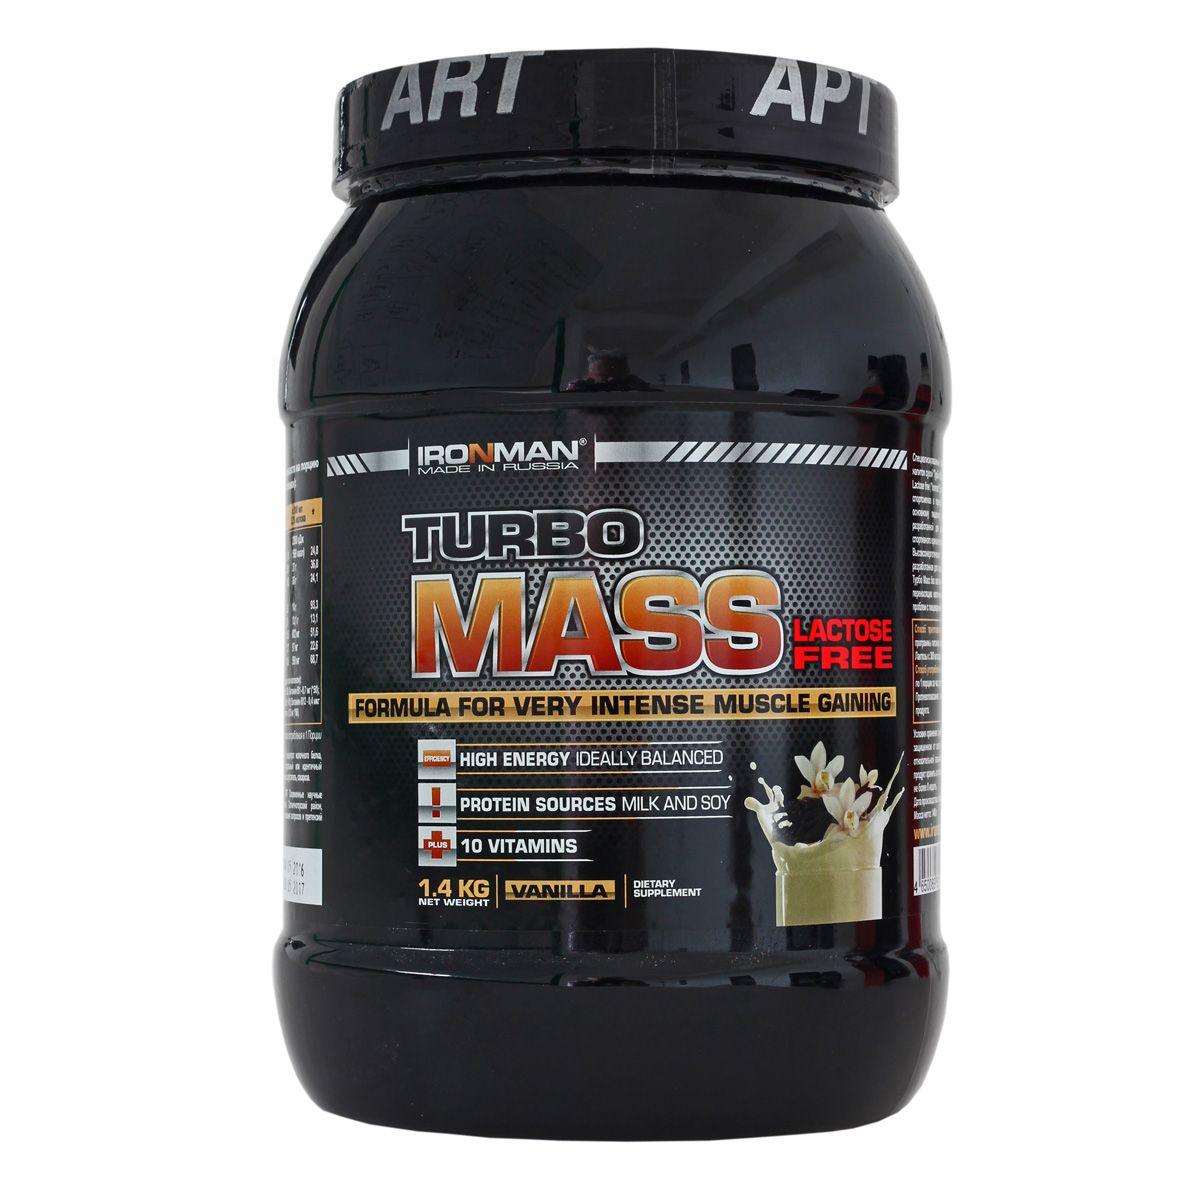 Ironman Турбо Масс без лактозы, 1,4 кг, ваниль